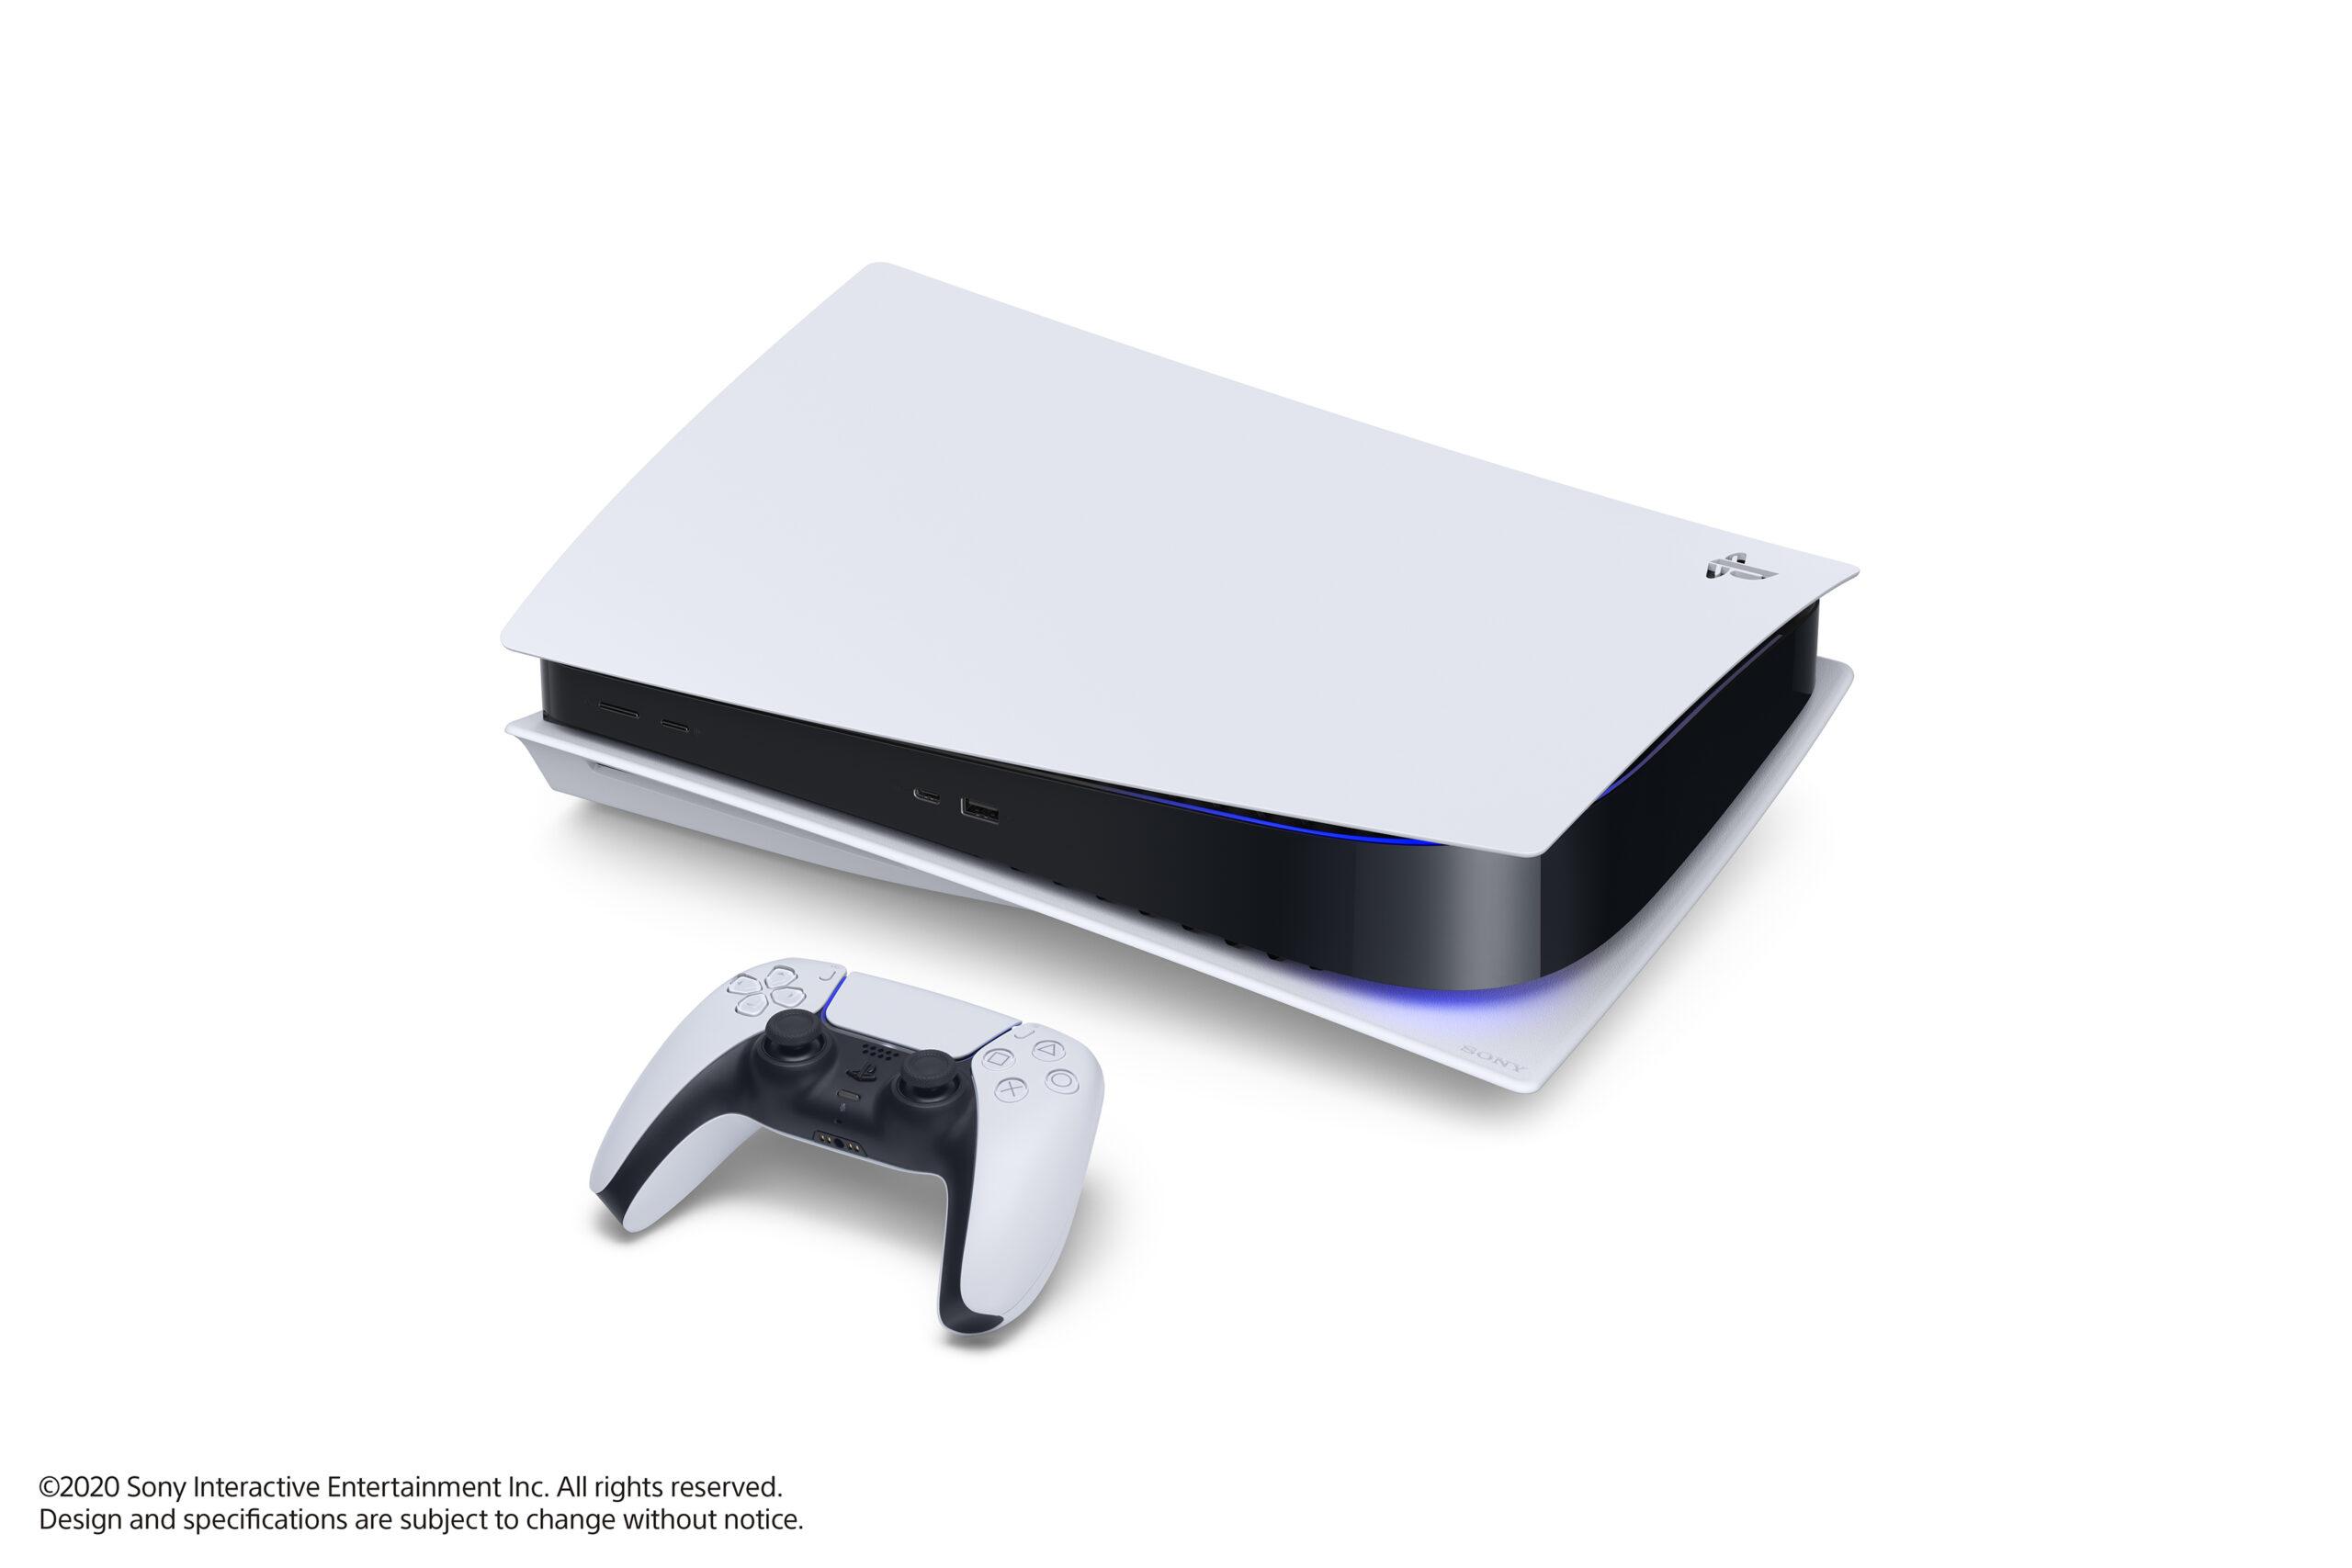 Playstation 5: Ecco Tutte Le Novità Presentate All'Evento Di Sony, Console Inclusa! 1 - Hynerd.it